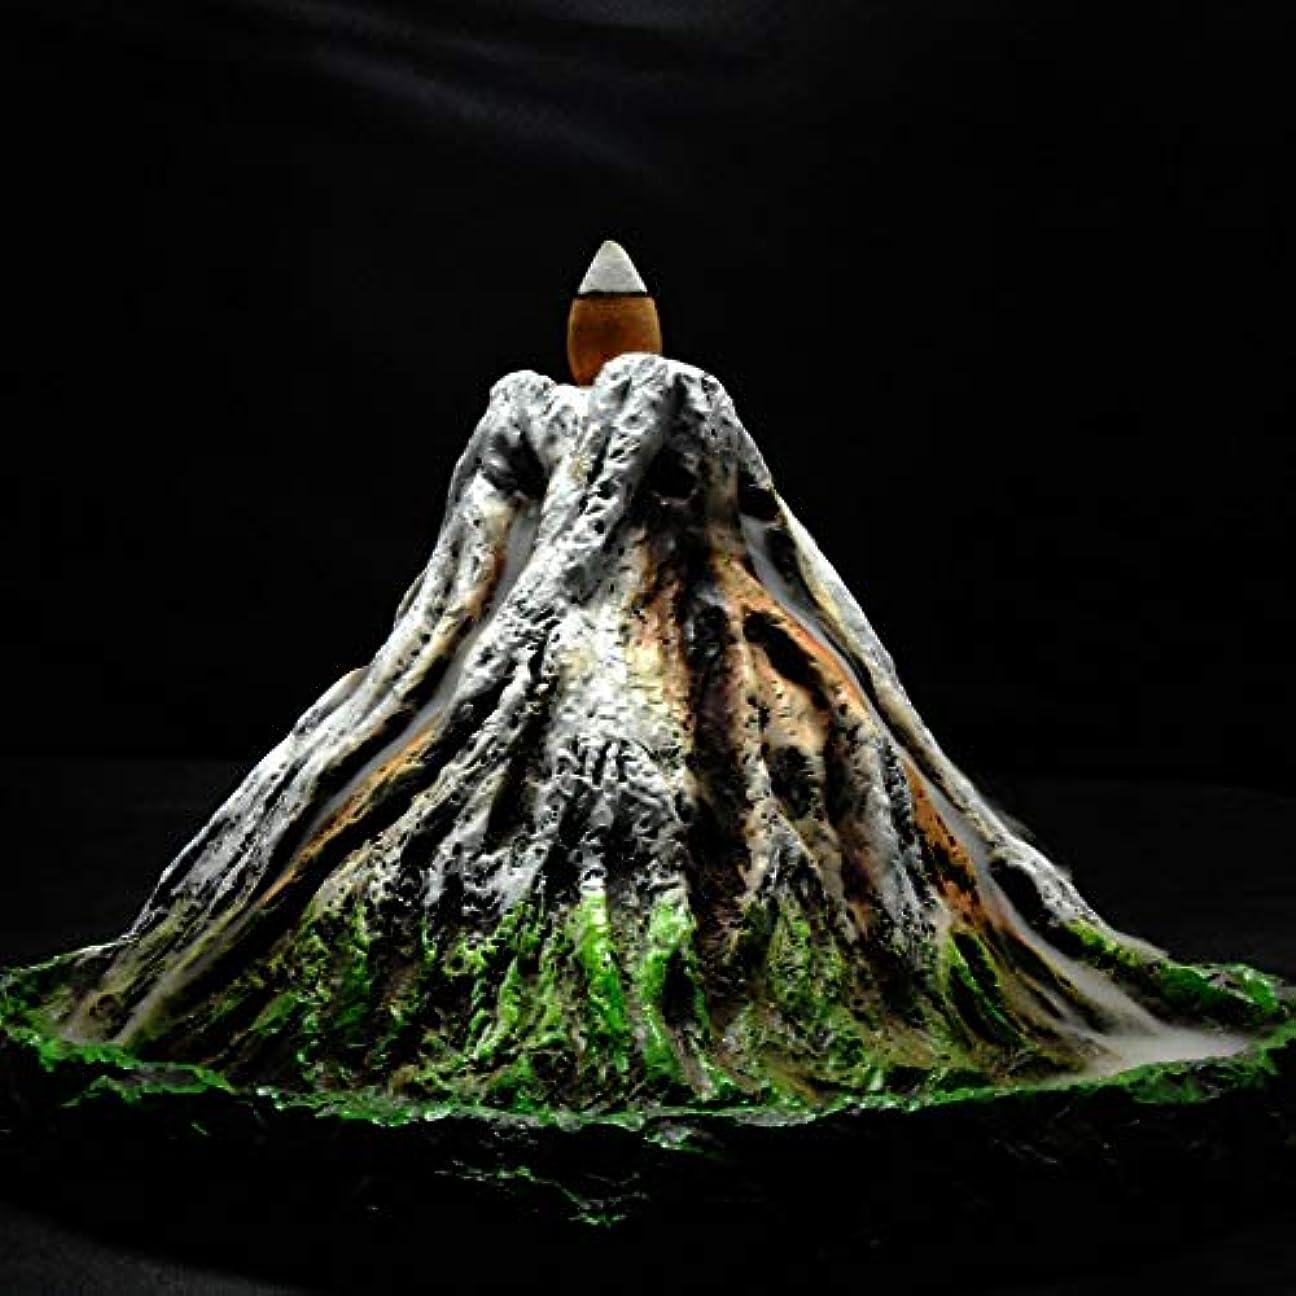 限定奇跡的な曲げるPHILOGOD 逆流香炉 樹脂プロセス手塗り富士山香炉 お香 香皿ホルダー ホームデコレーション香置物 香立て